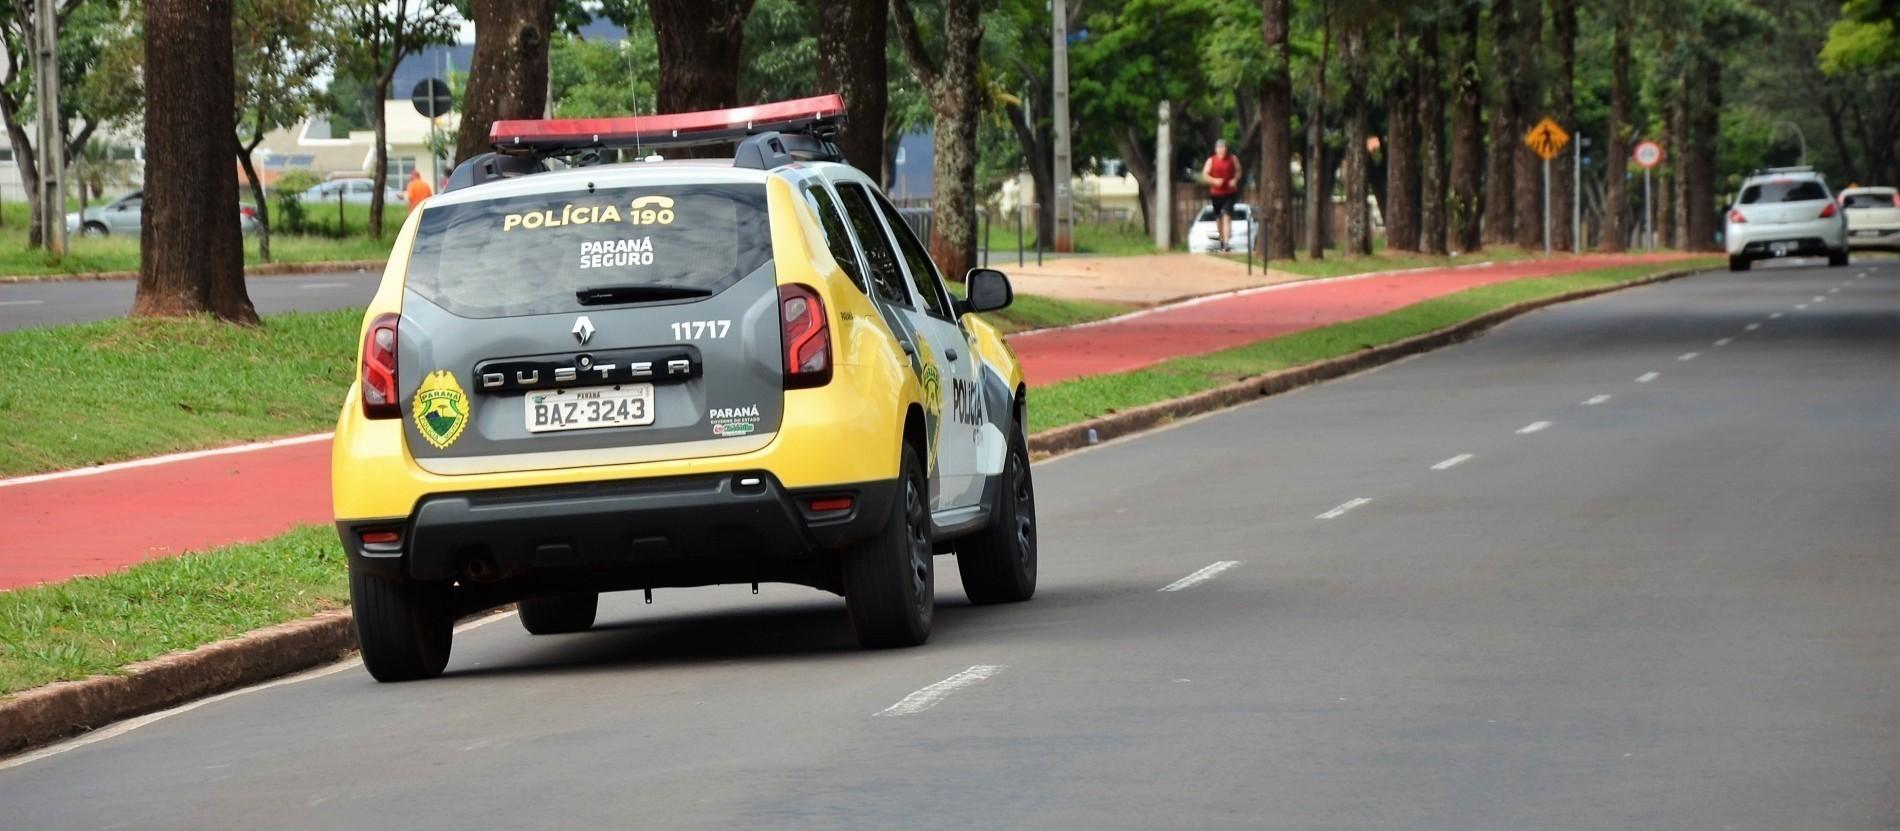 PM prende dois por furto qualificado em Maringá